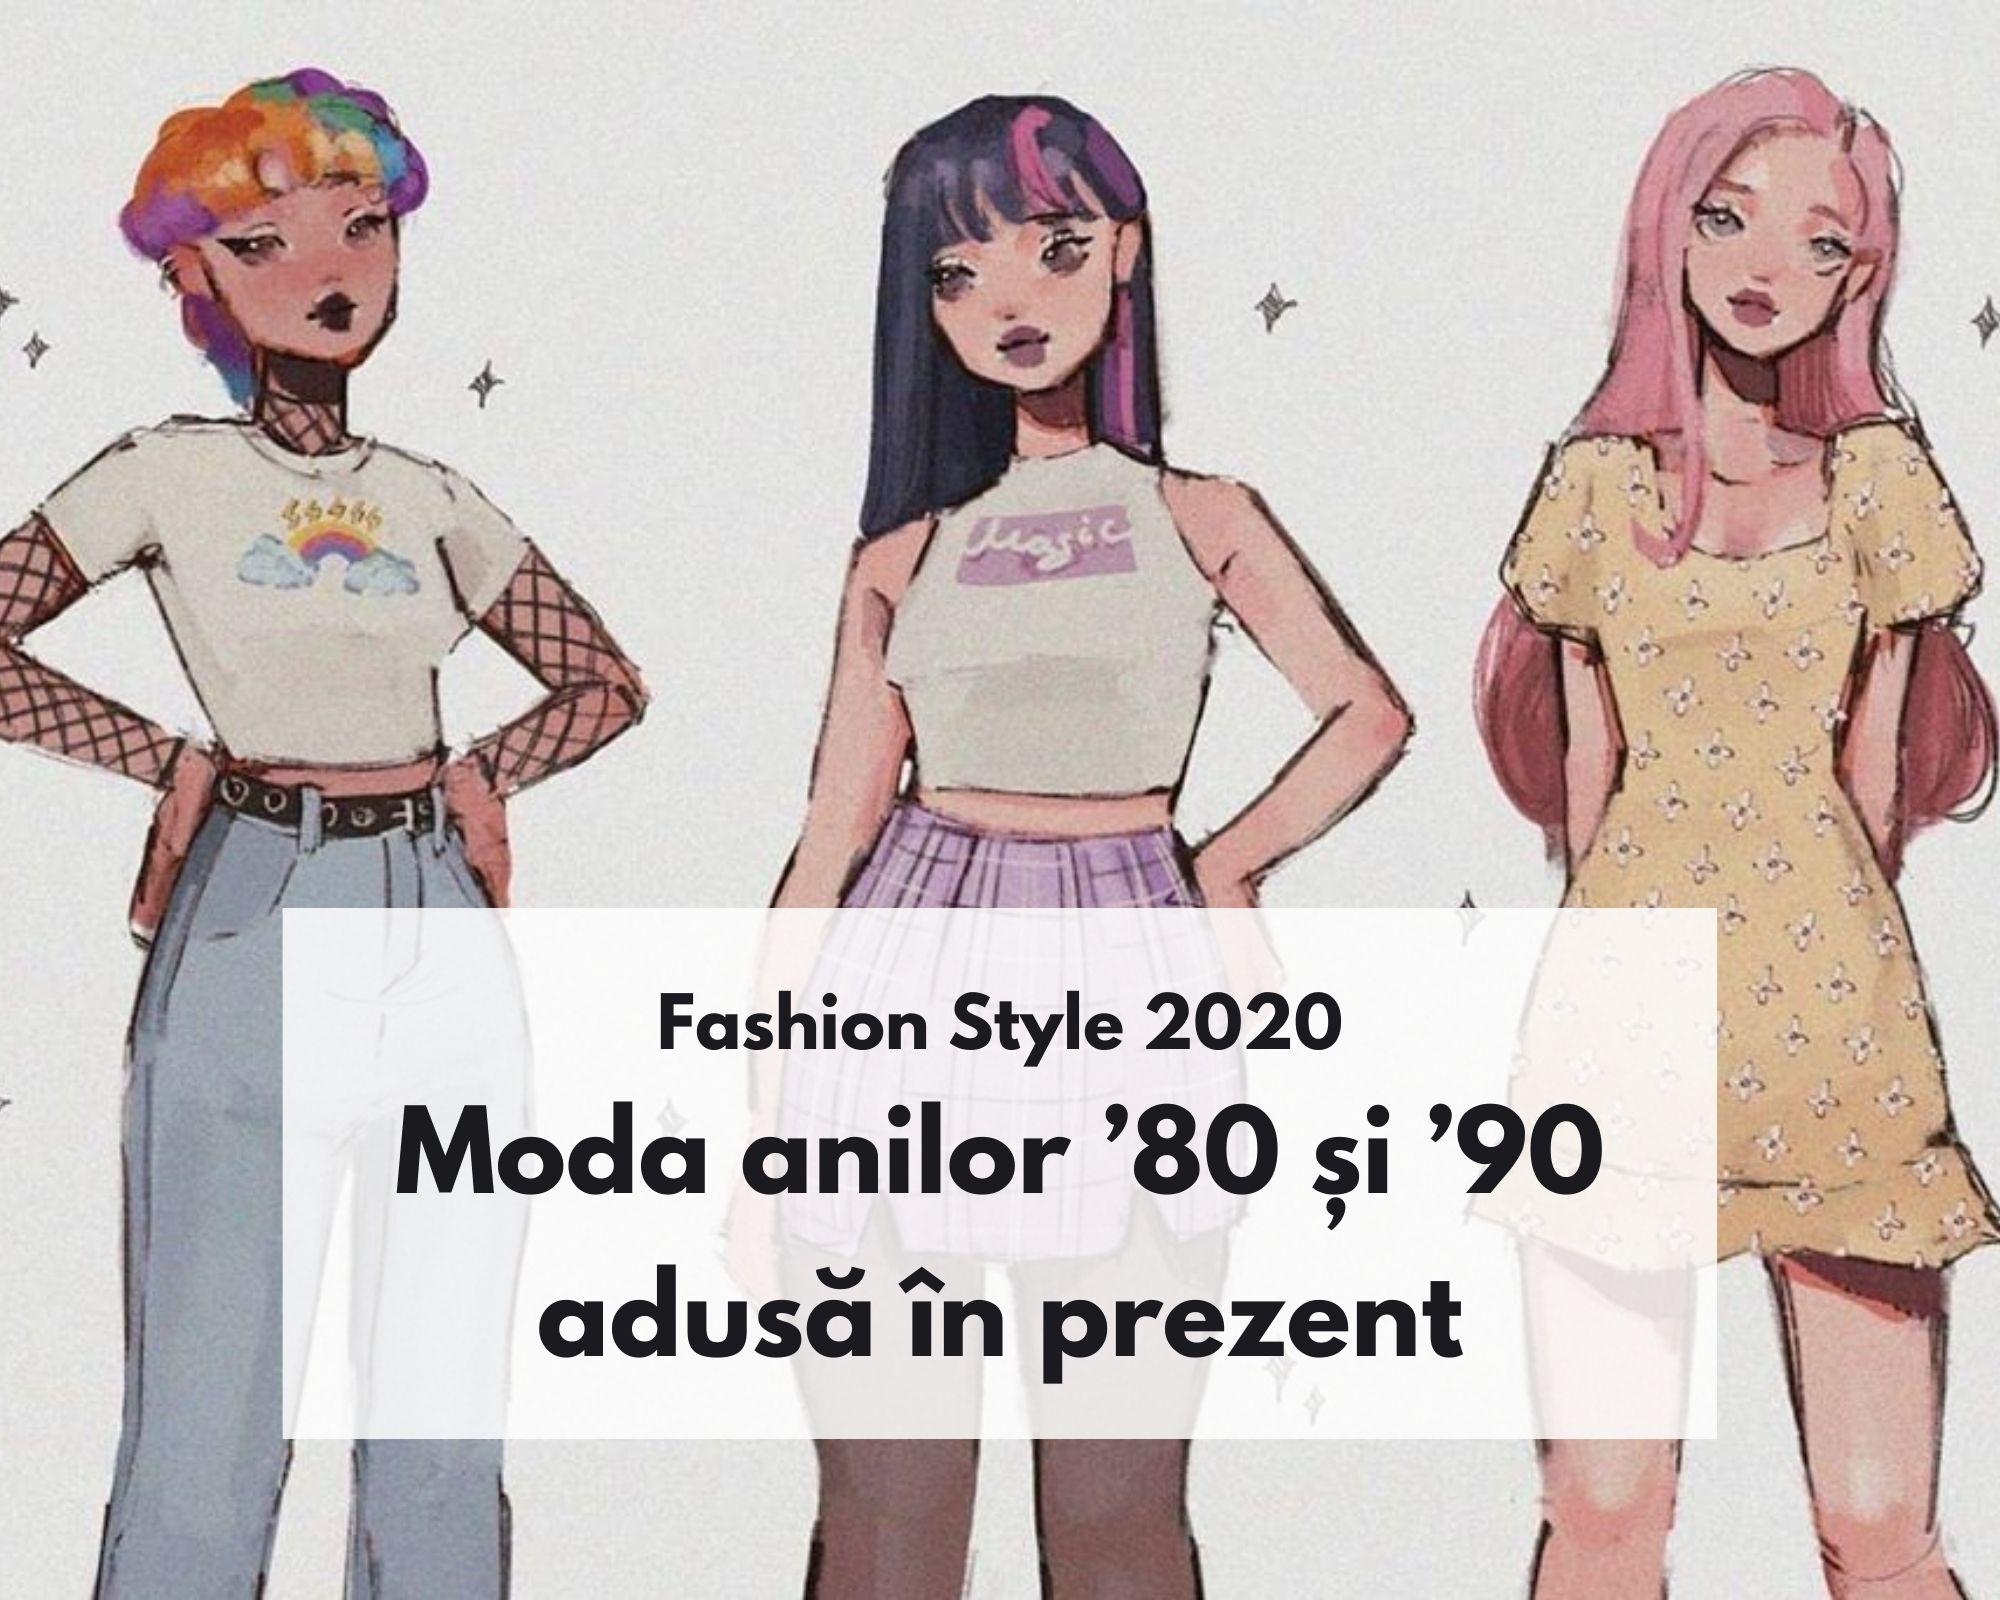 Moda anilor '80 și '90 adusă în prezent - Fashion Style 2020